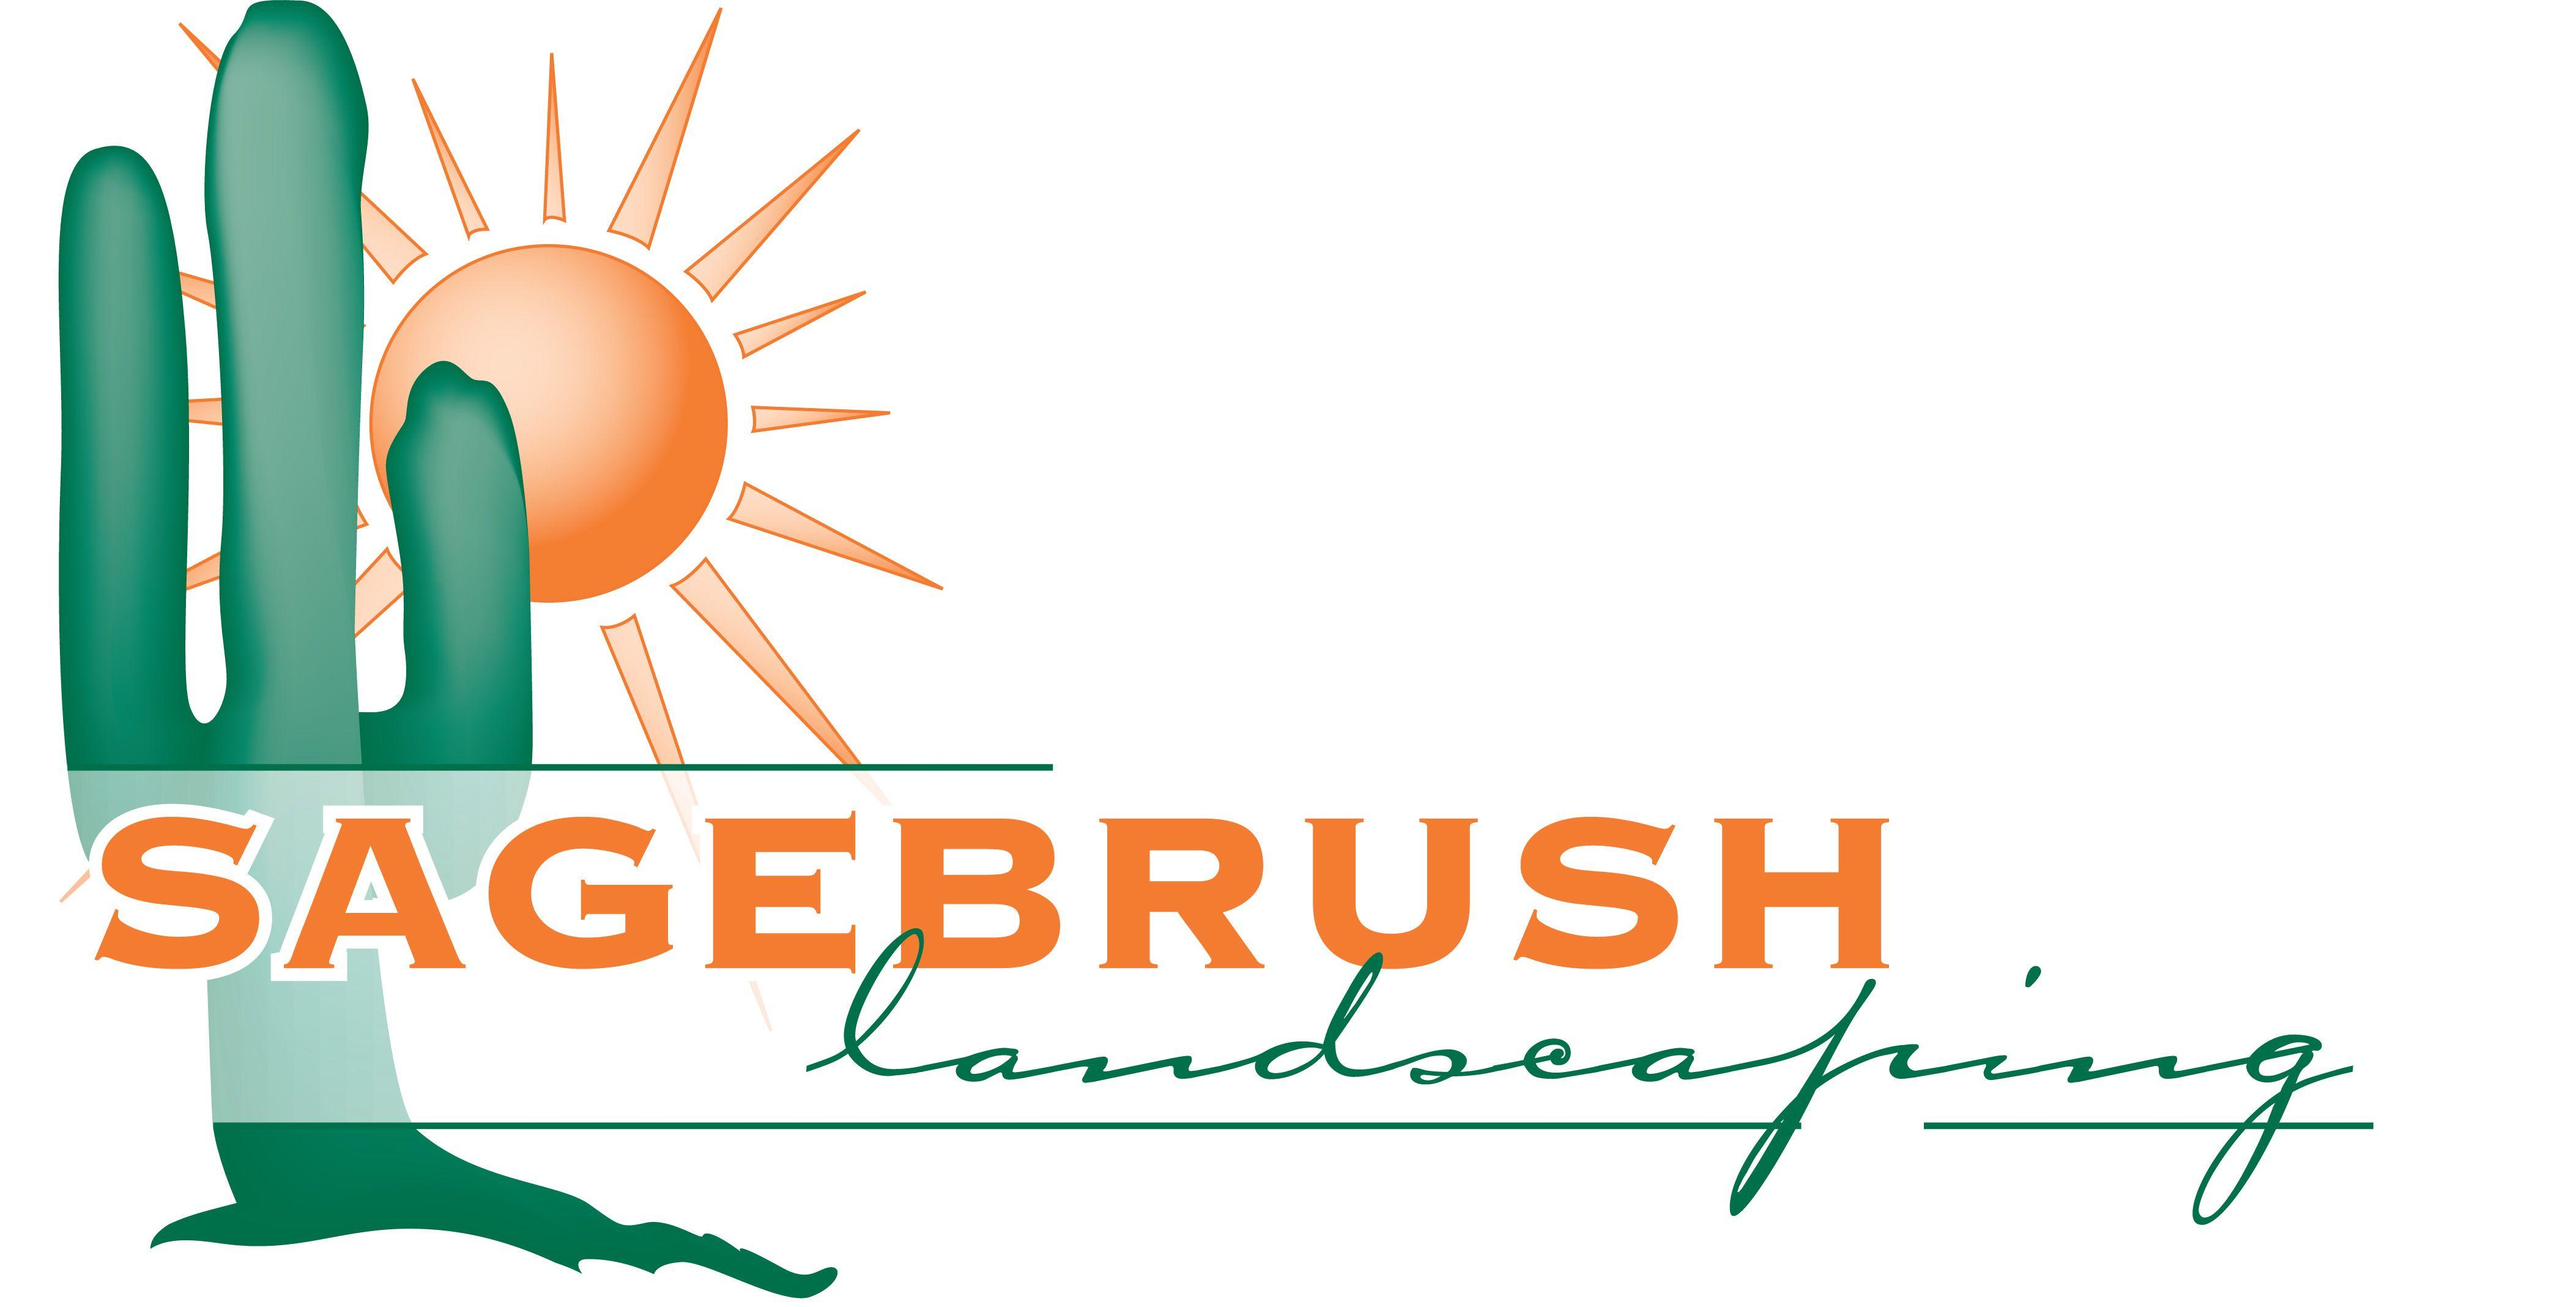 Sagebrush Landscaping